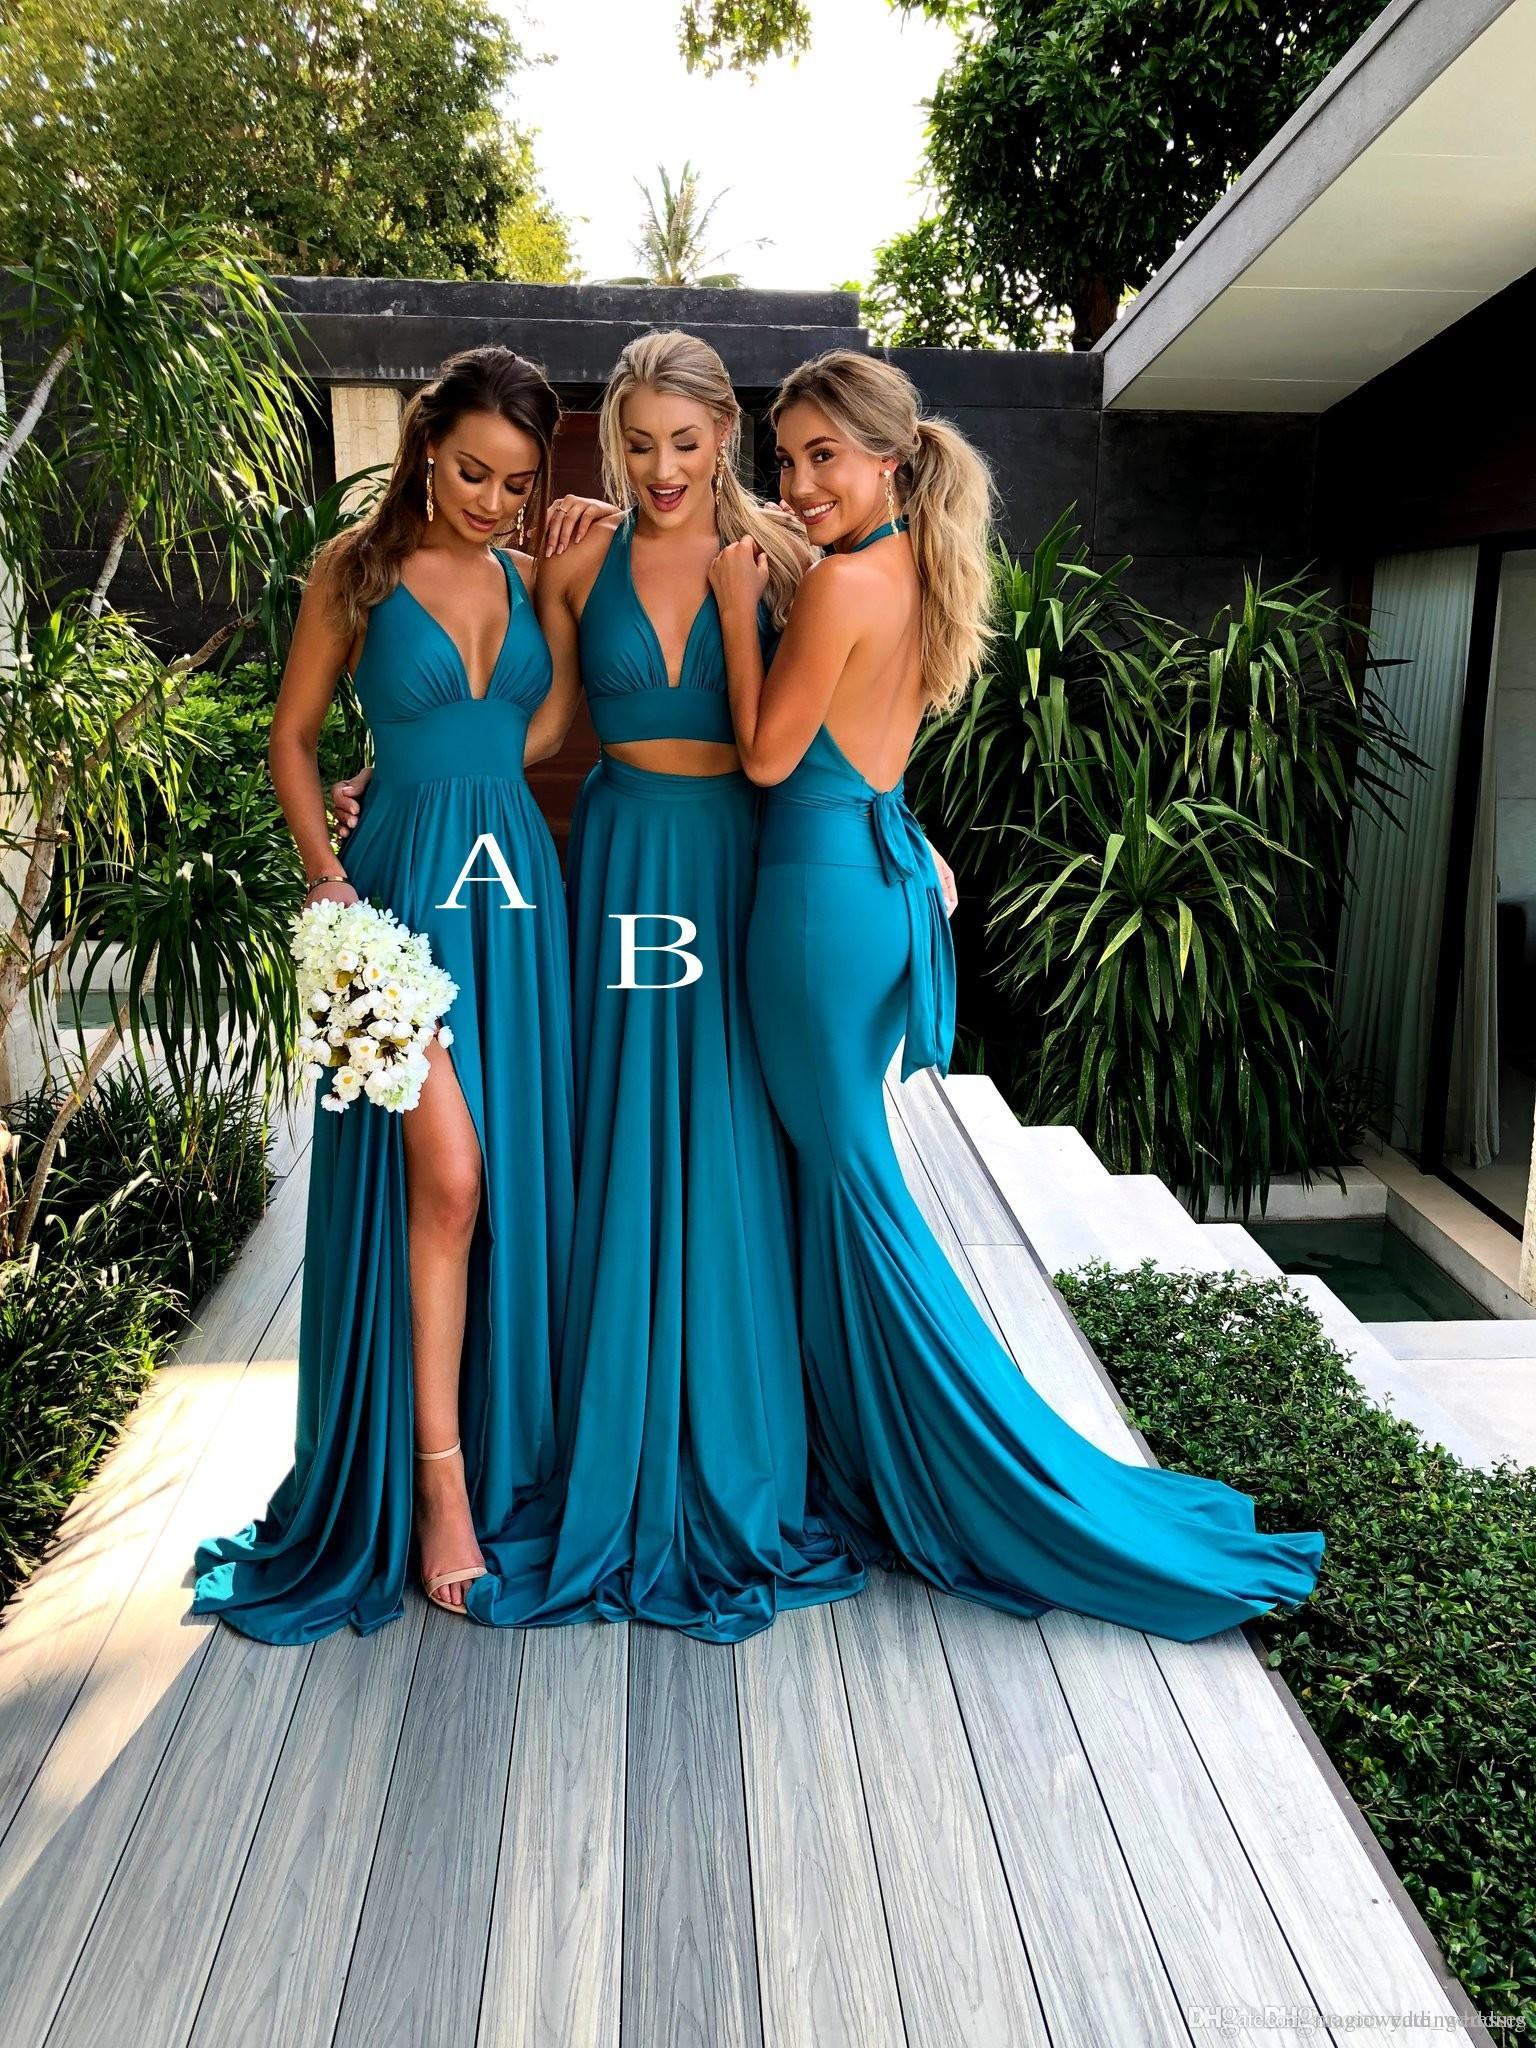 Großhandel Zwei Stück Türkis Blau Brautjungfernkleider V Ausschnitt Satin  Bodenlangen Sommer Brautjungfer Kleider Sexy Hochzeit Party Kleider Sweep